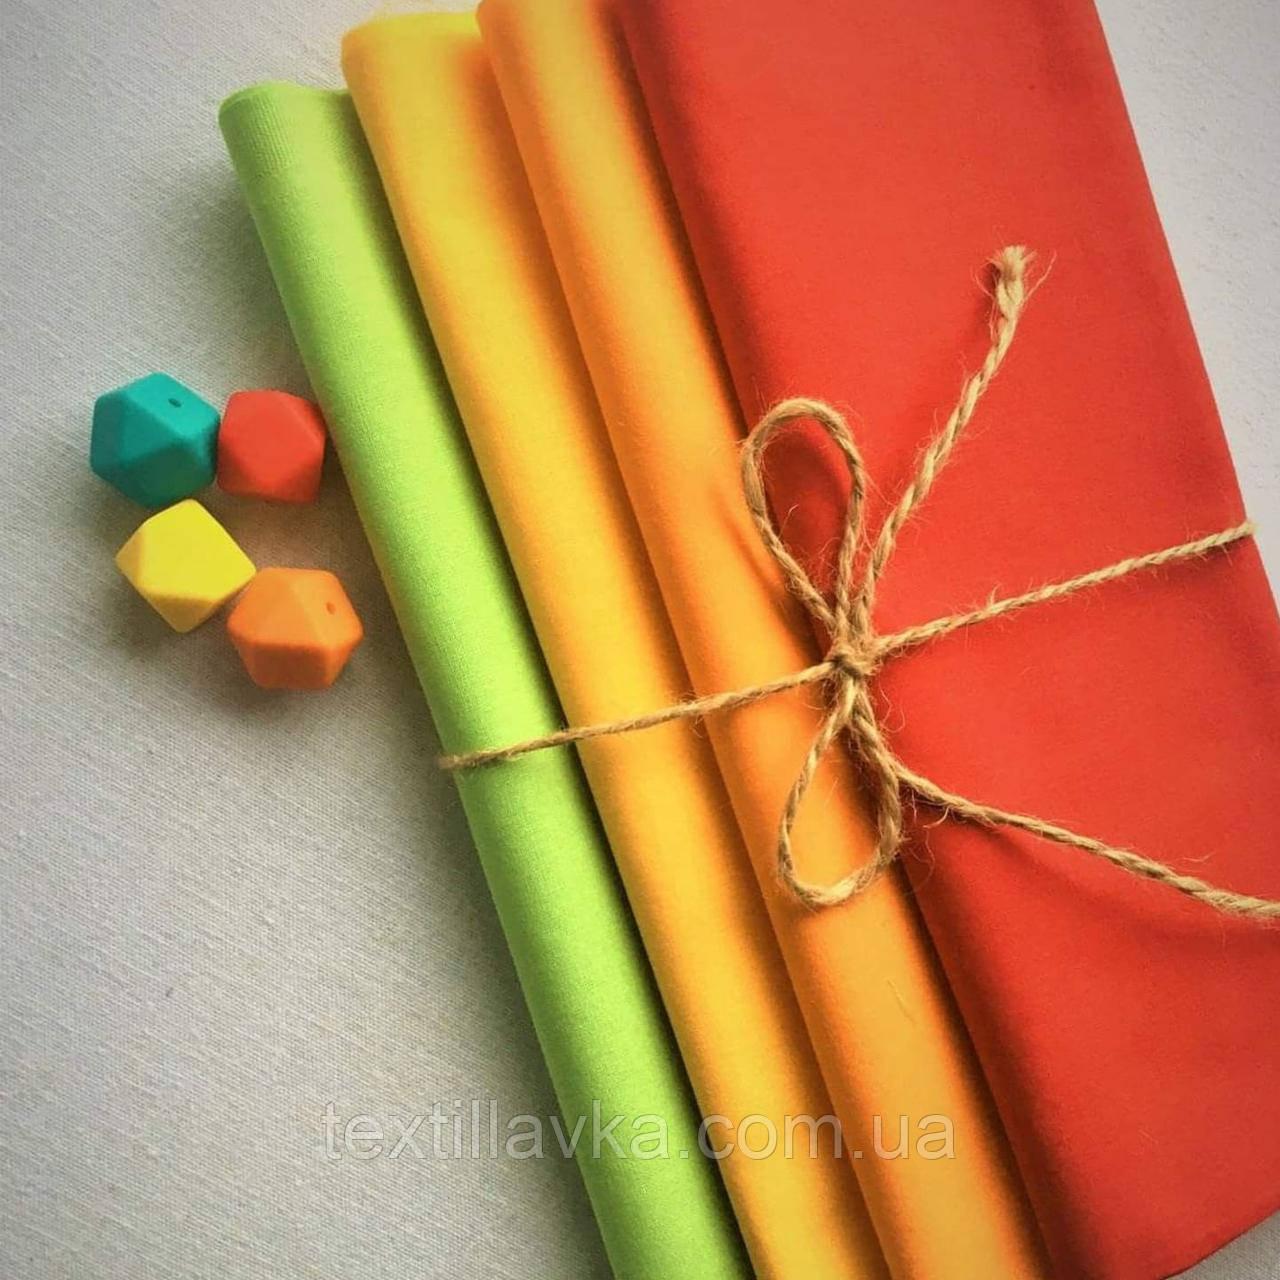 Набор ткани для рукоделия 4шт. салатовый,желтый,оранжевый,апельсиновый